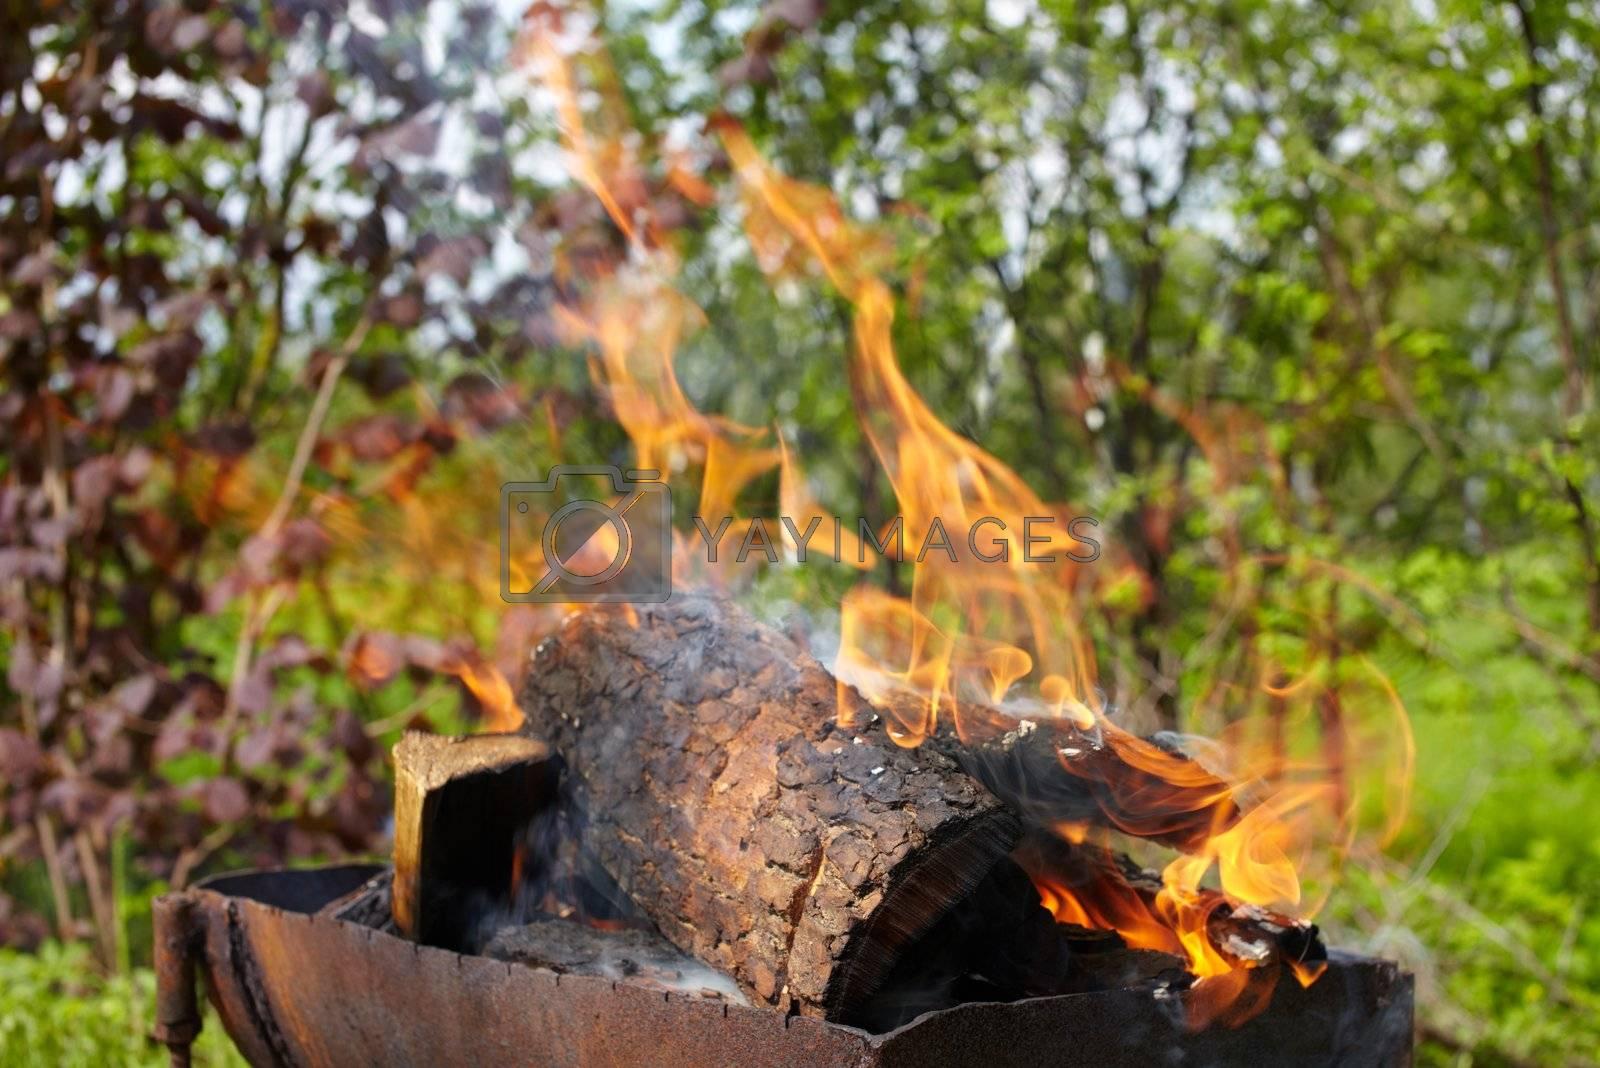 Fire flame by Nikonas